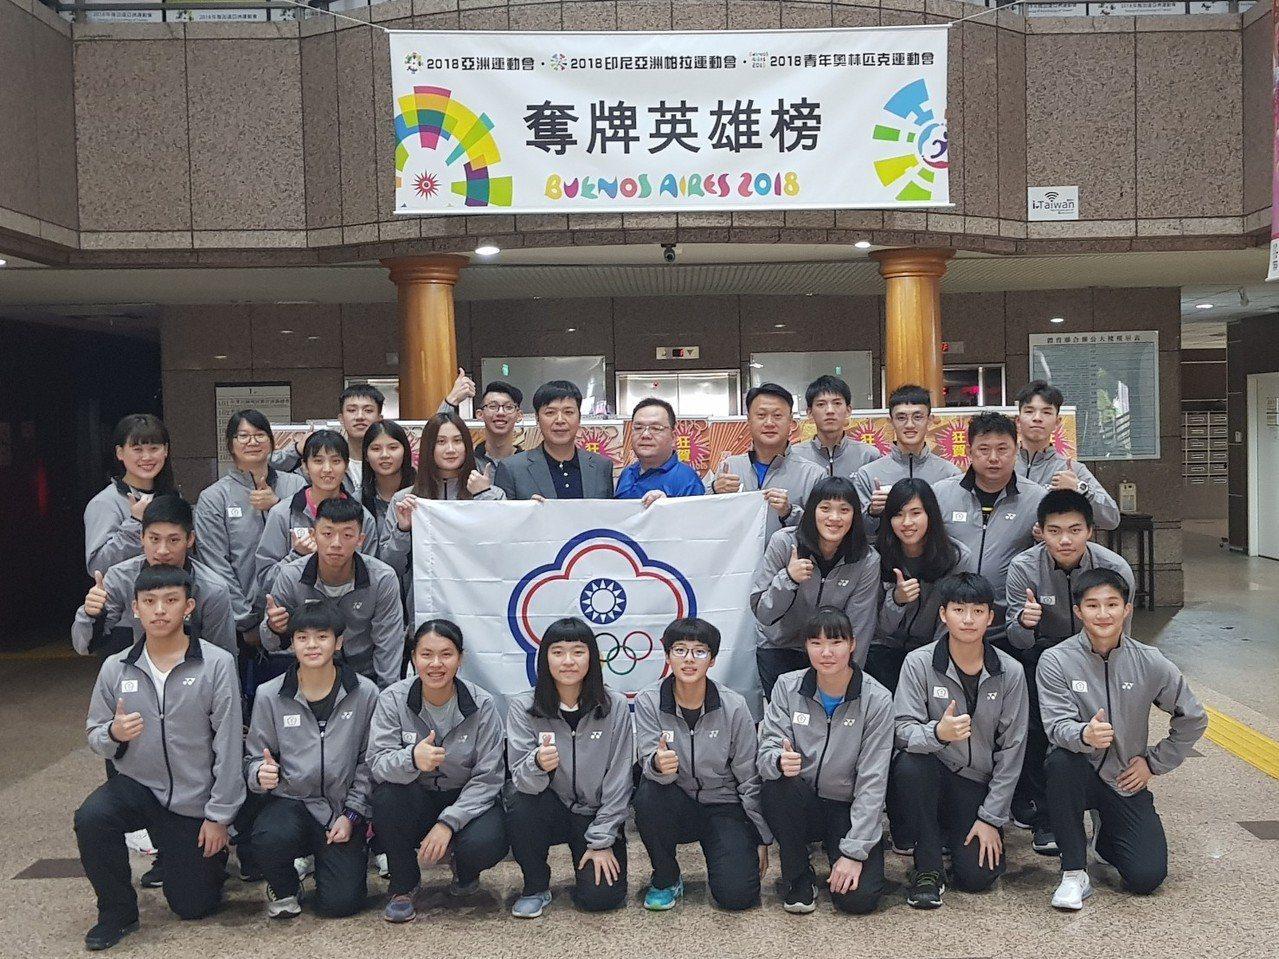 中華羽球隊出征加拿大世青賽,2日進行授旗。圖/中華羽協提供